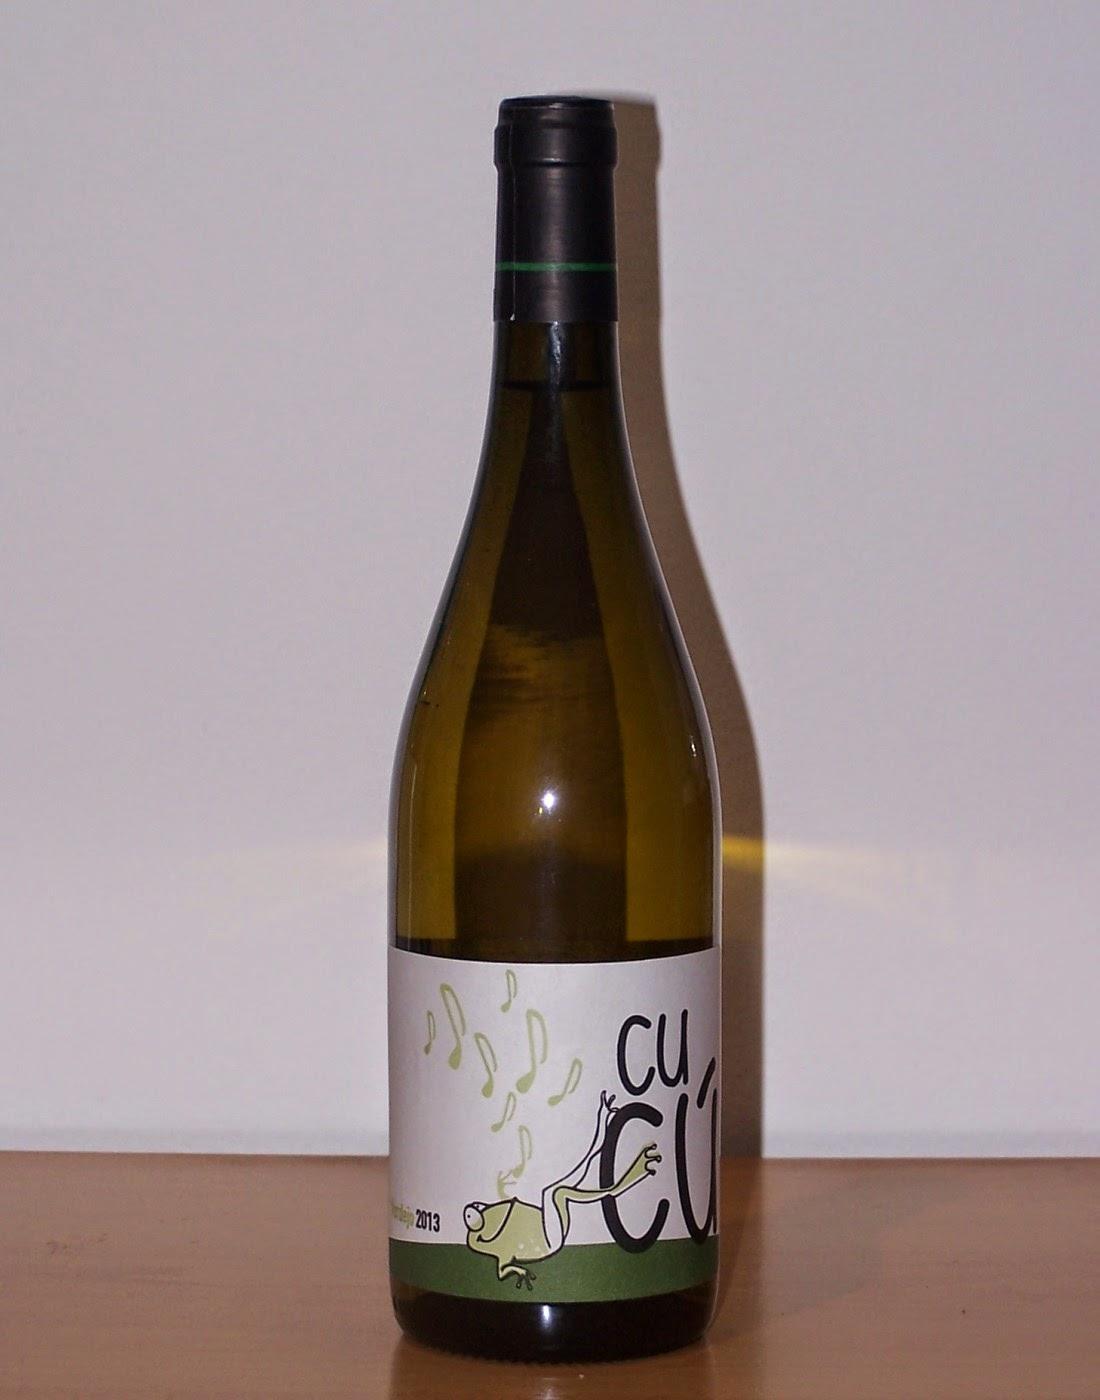 Cu Cú 2013, Vino de la Tierra de Castilla y León